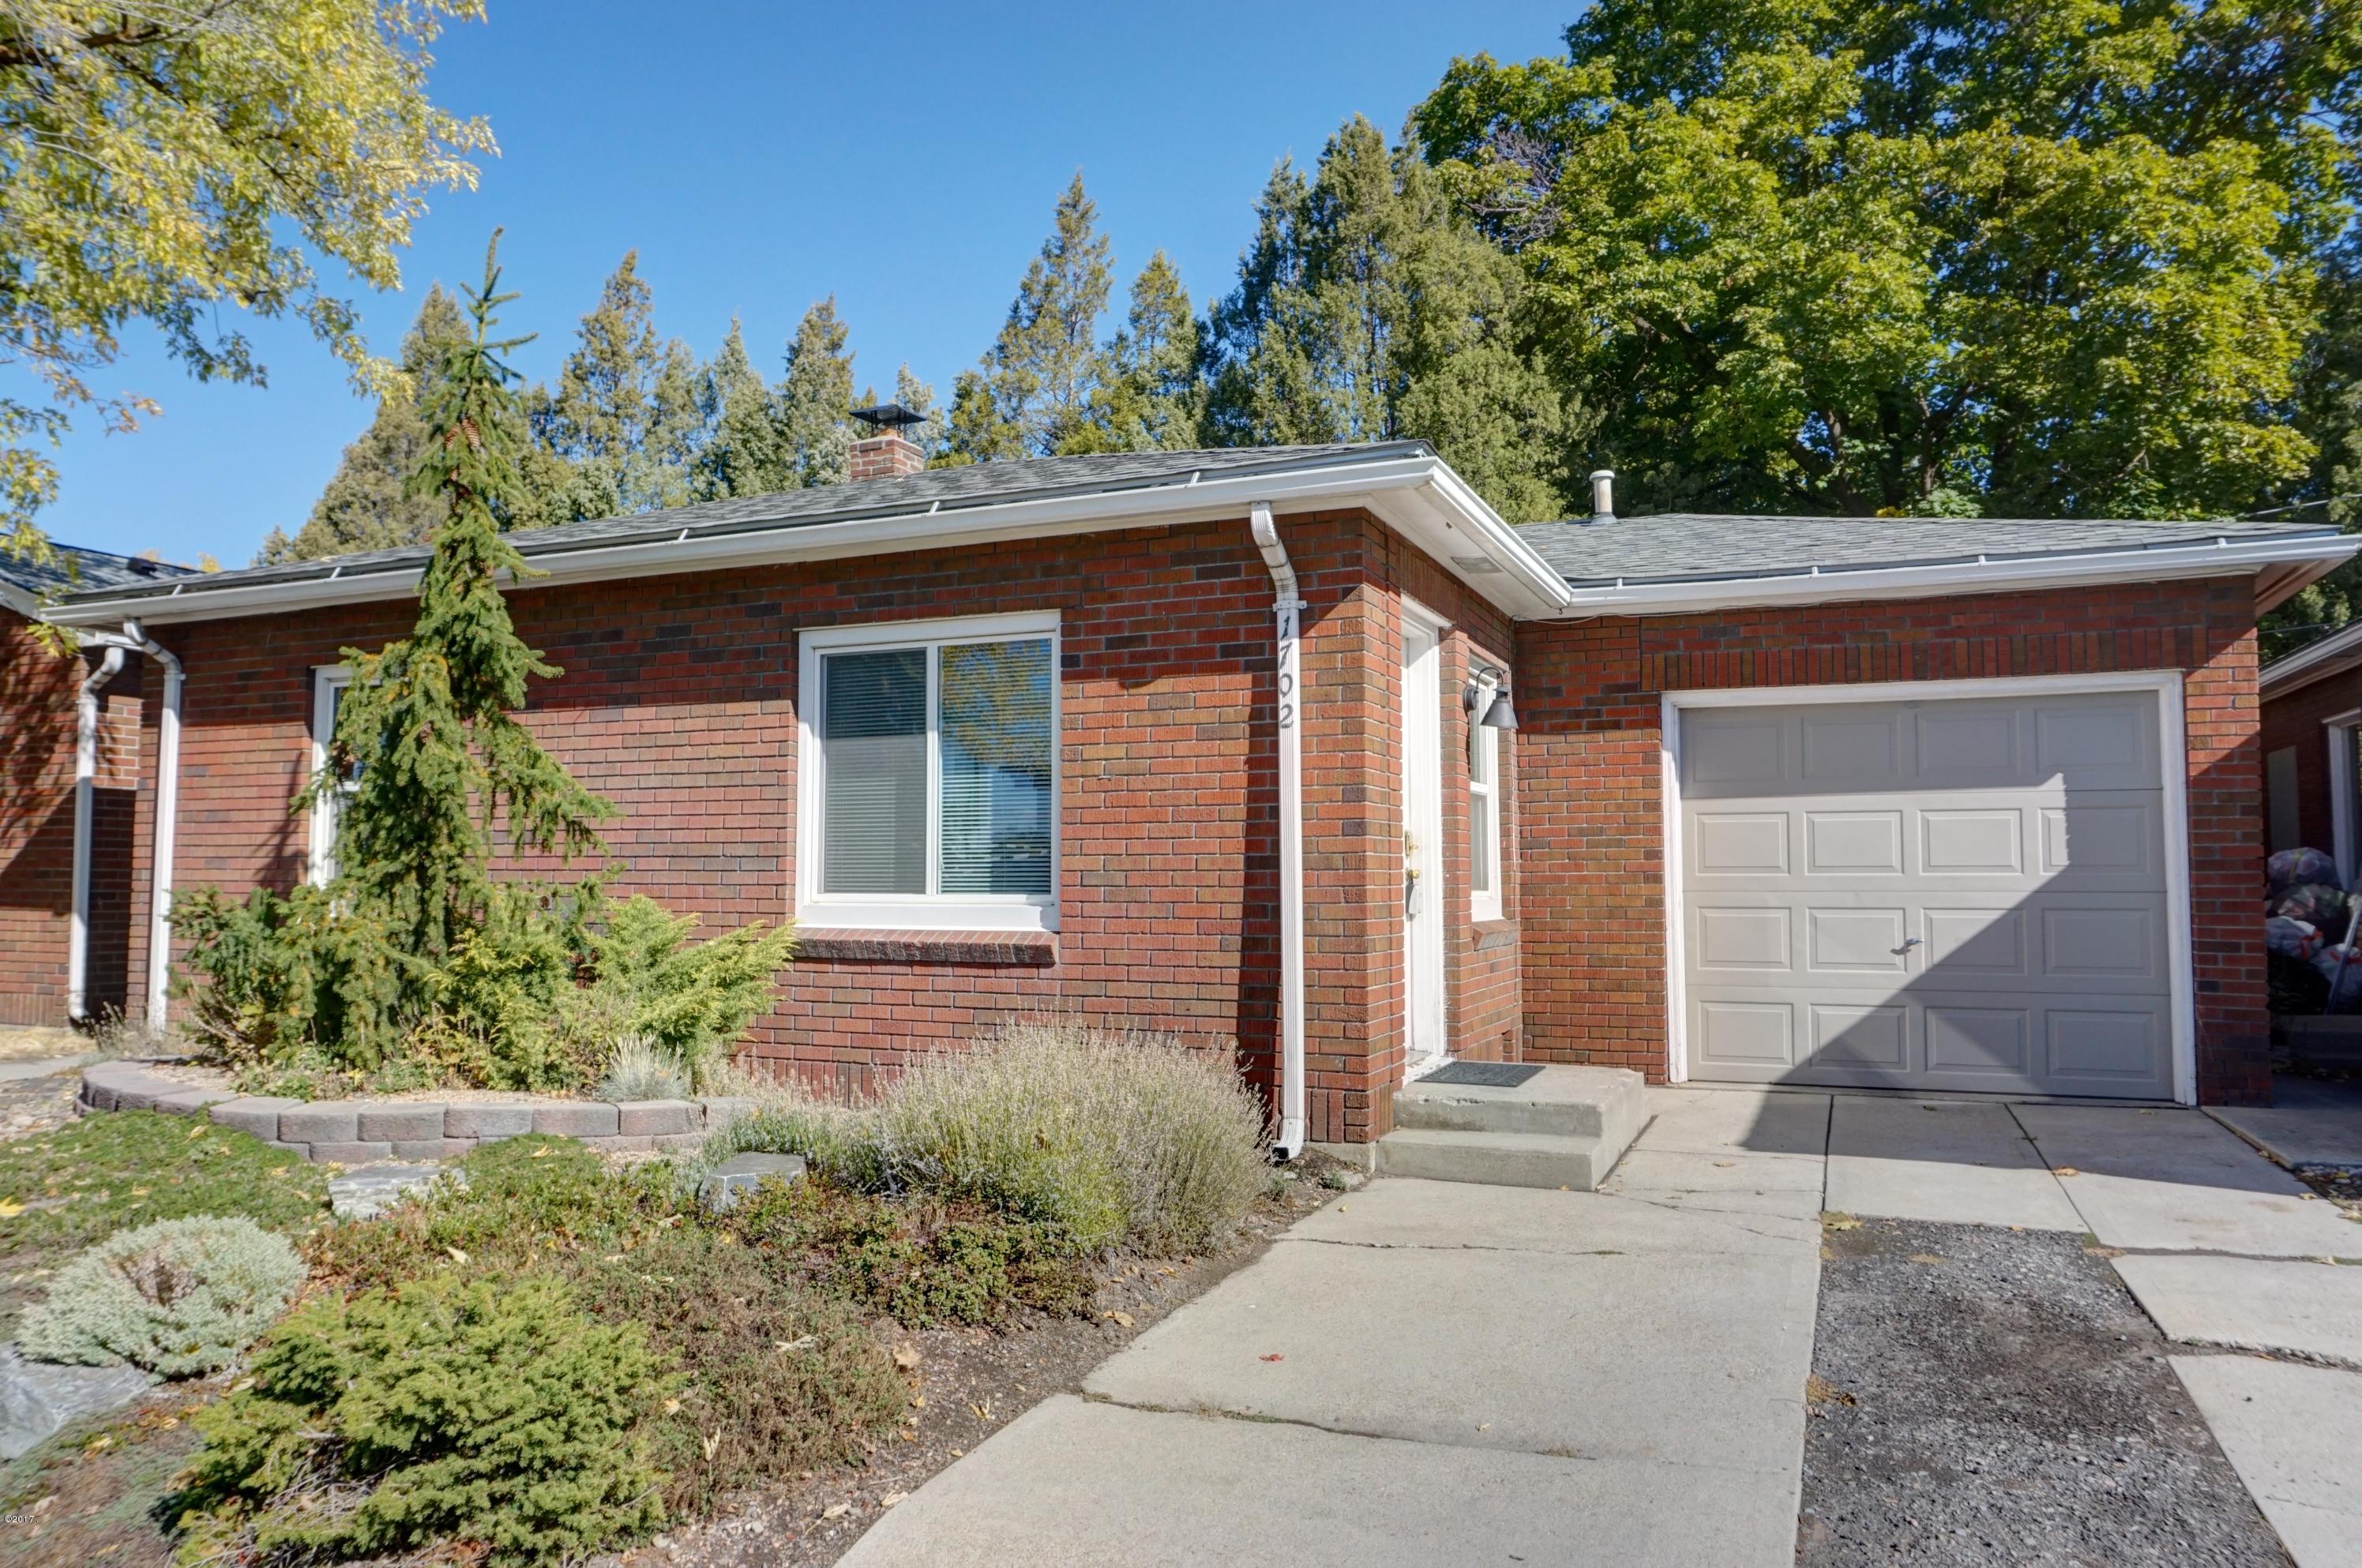 1702 Bancroft Street, Missoula, MT 59801